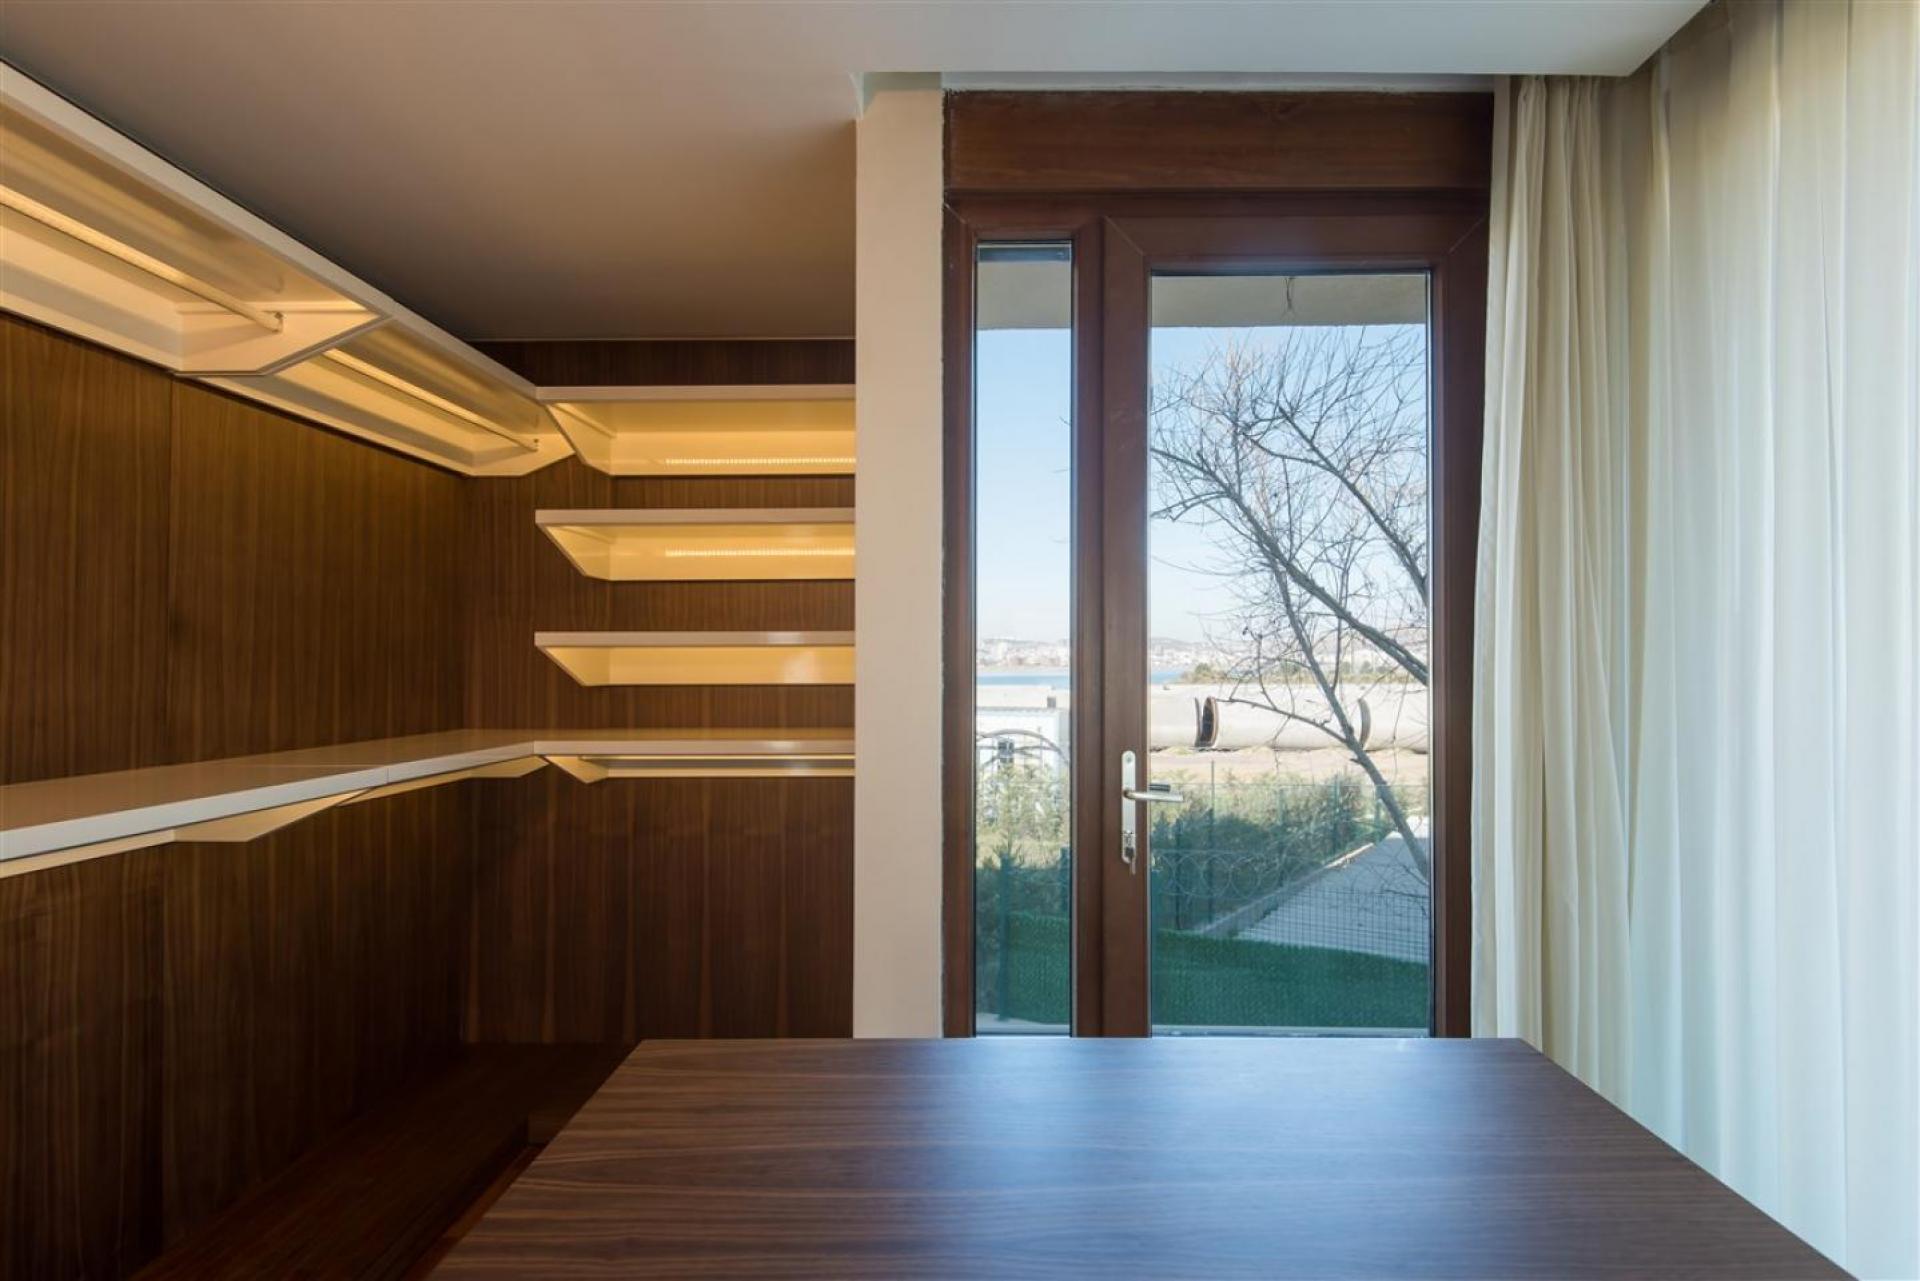 Mercan Villaları İç Mimari Projesi